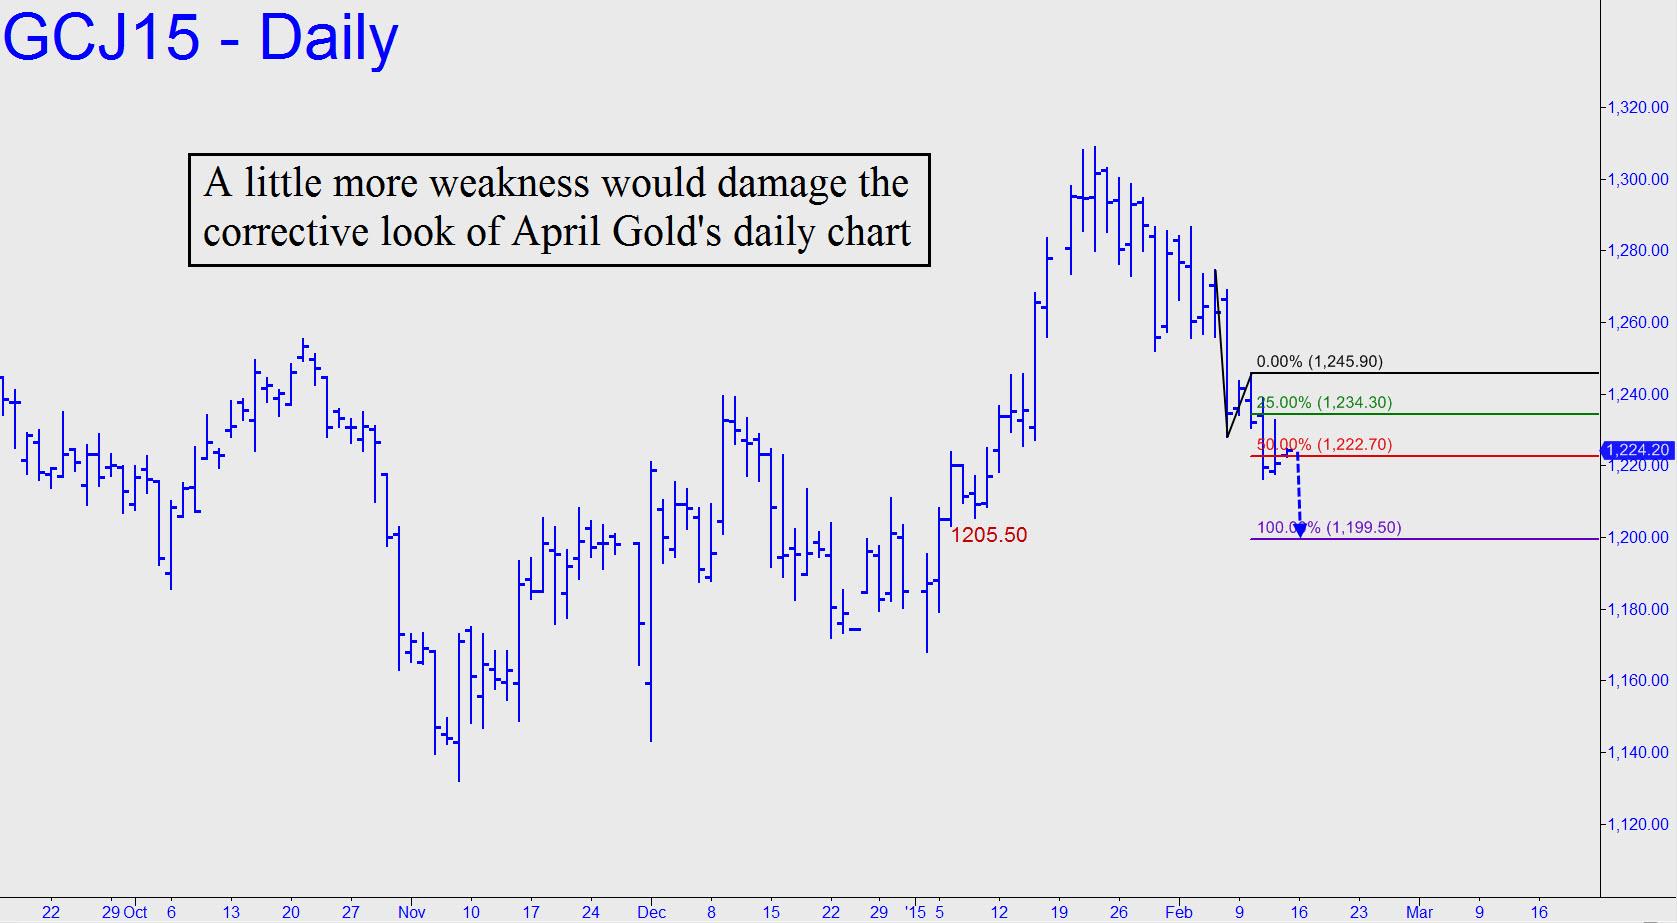 prix de l'or, de l'argent et des minières / suivi 2015 et ultérieurement Damage-to-golds-chart